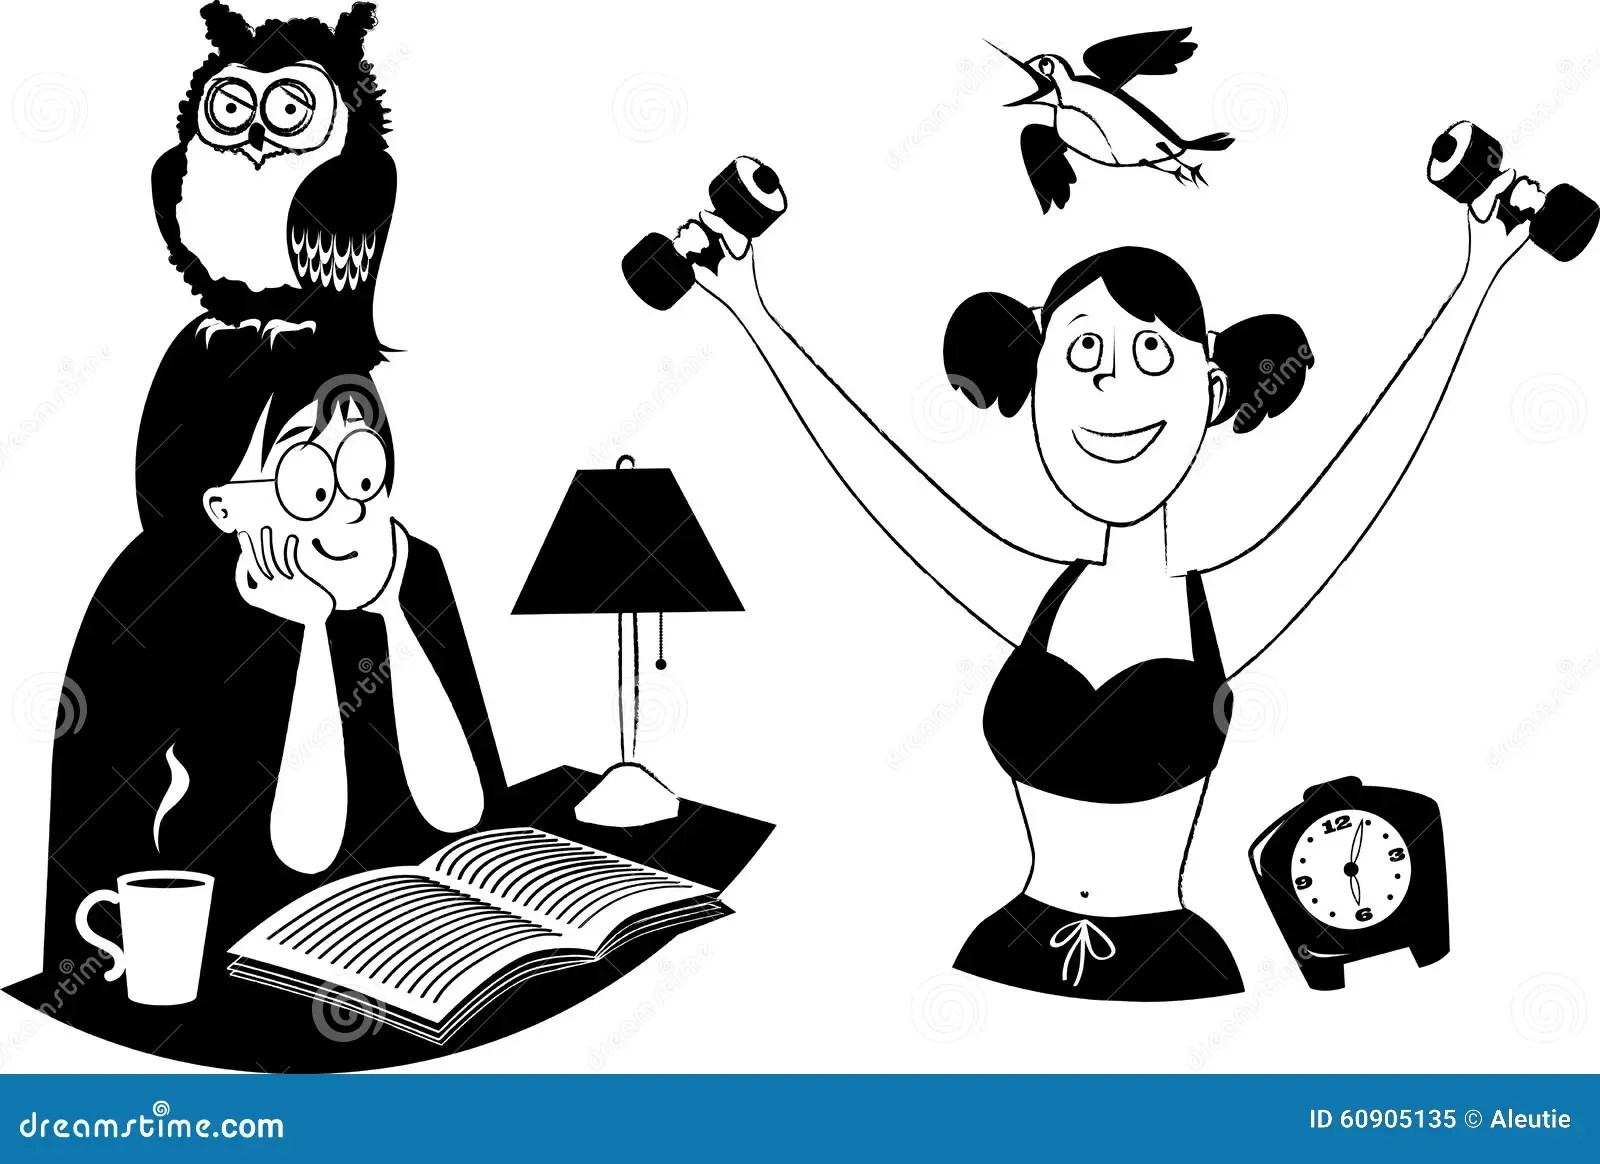 Owl Vs Lark Stock Vector Illustration Of Line Psychology